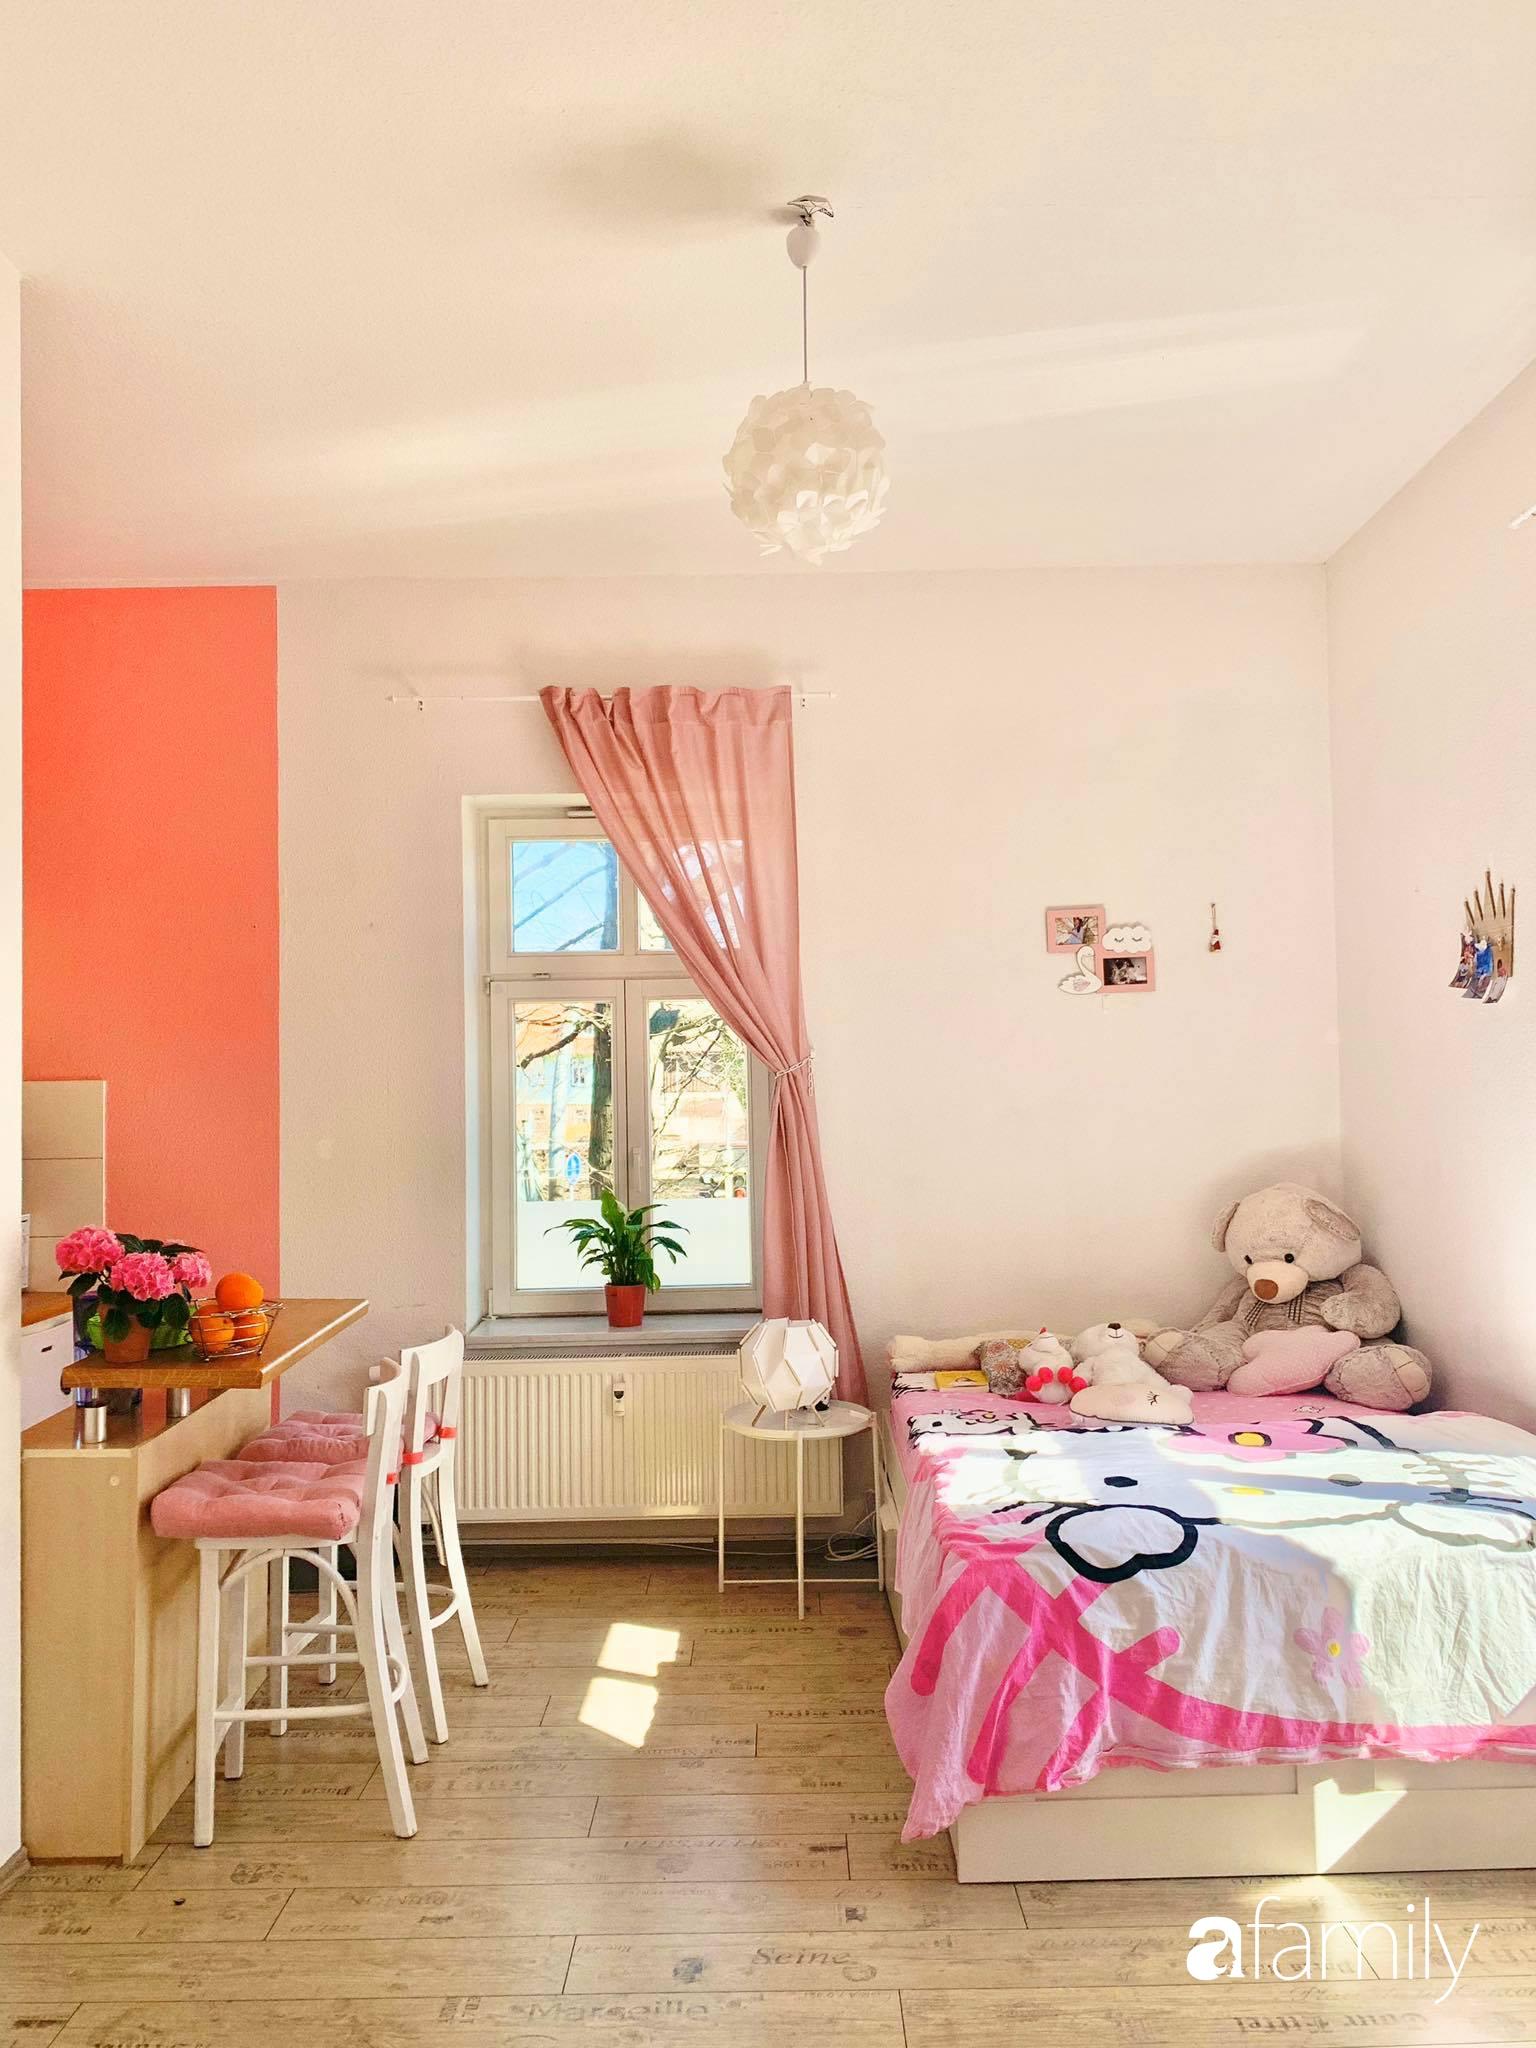 Giữa tâm dịch của nước Đức, cô gái Việt tạo niềm vui bằng cách cải tạo căn phòng thành không gian màu hồng mộng mơ - Ảnh 9.